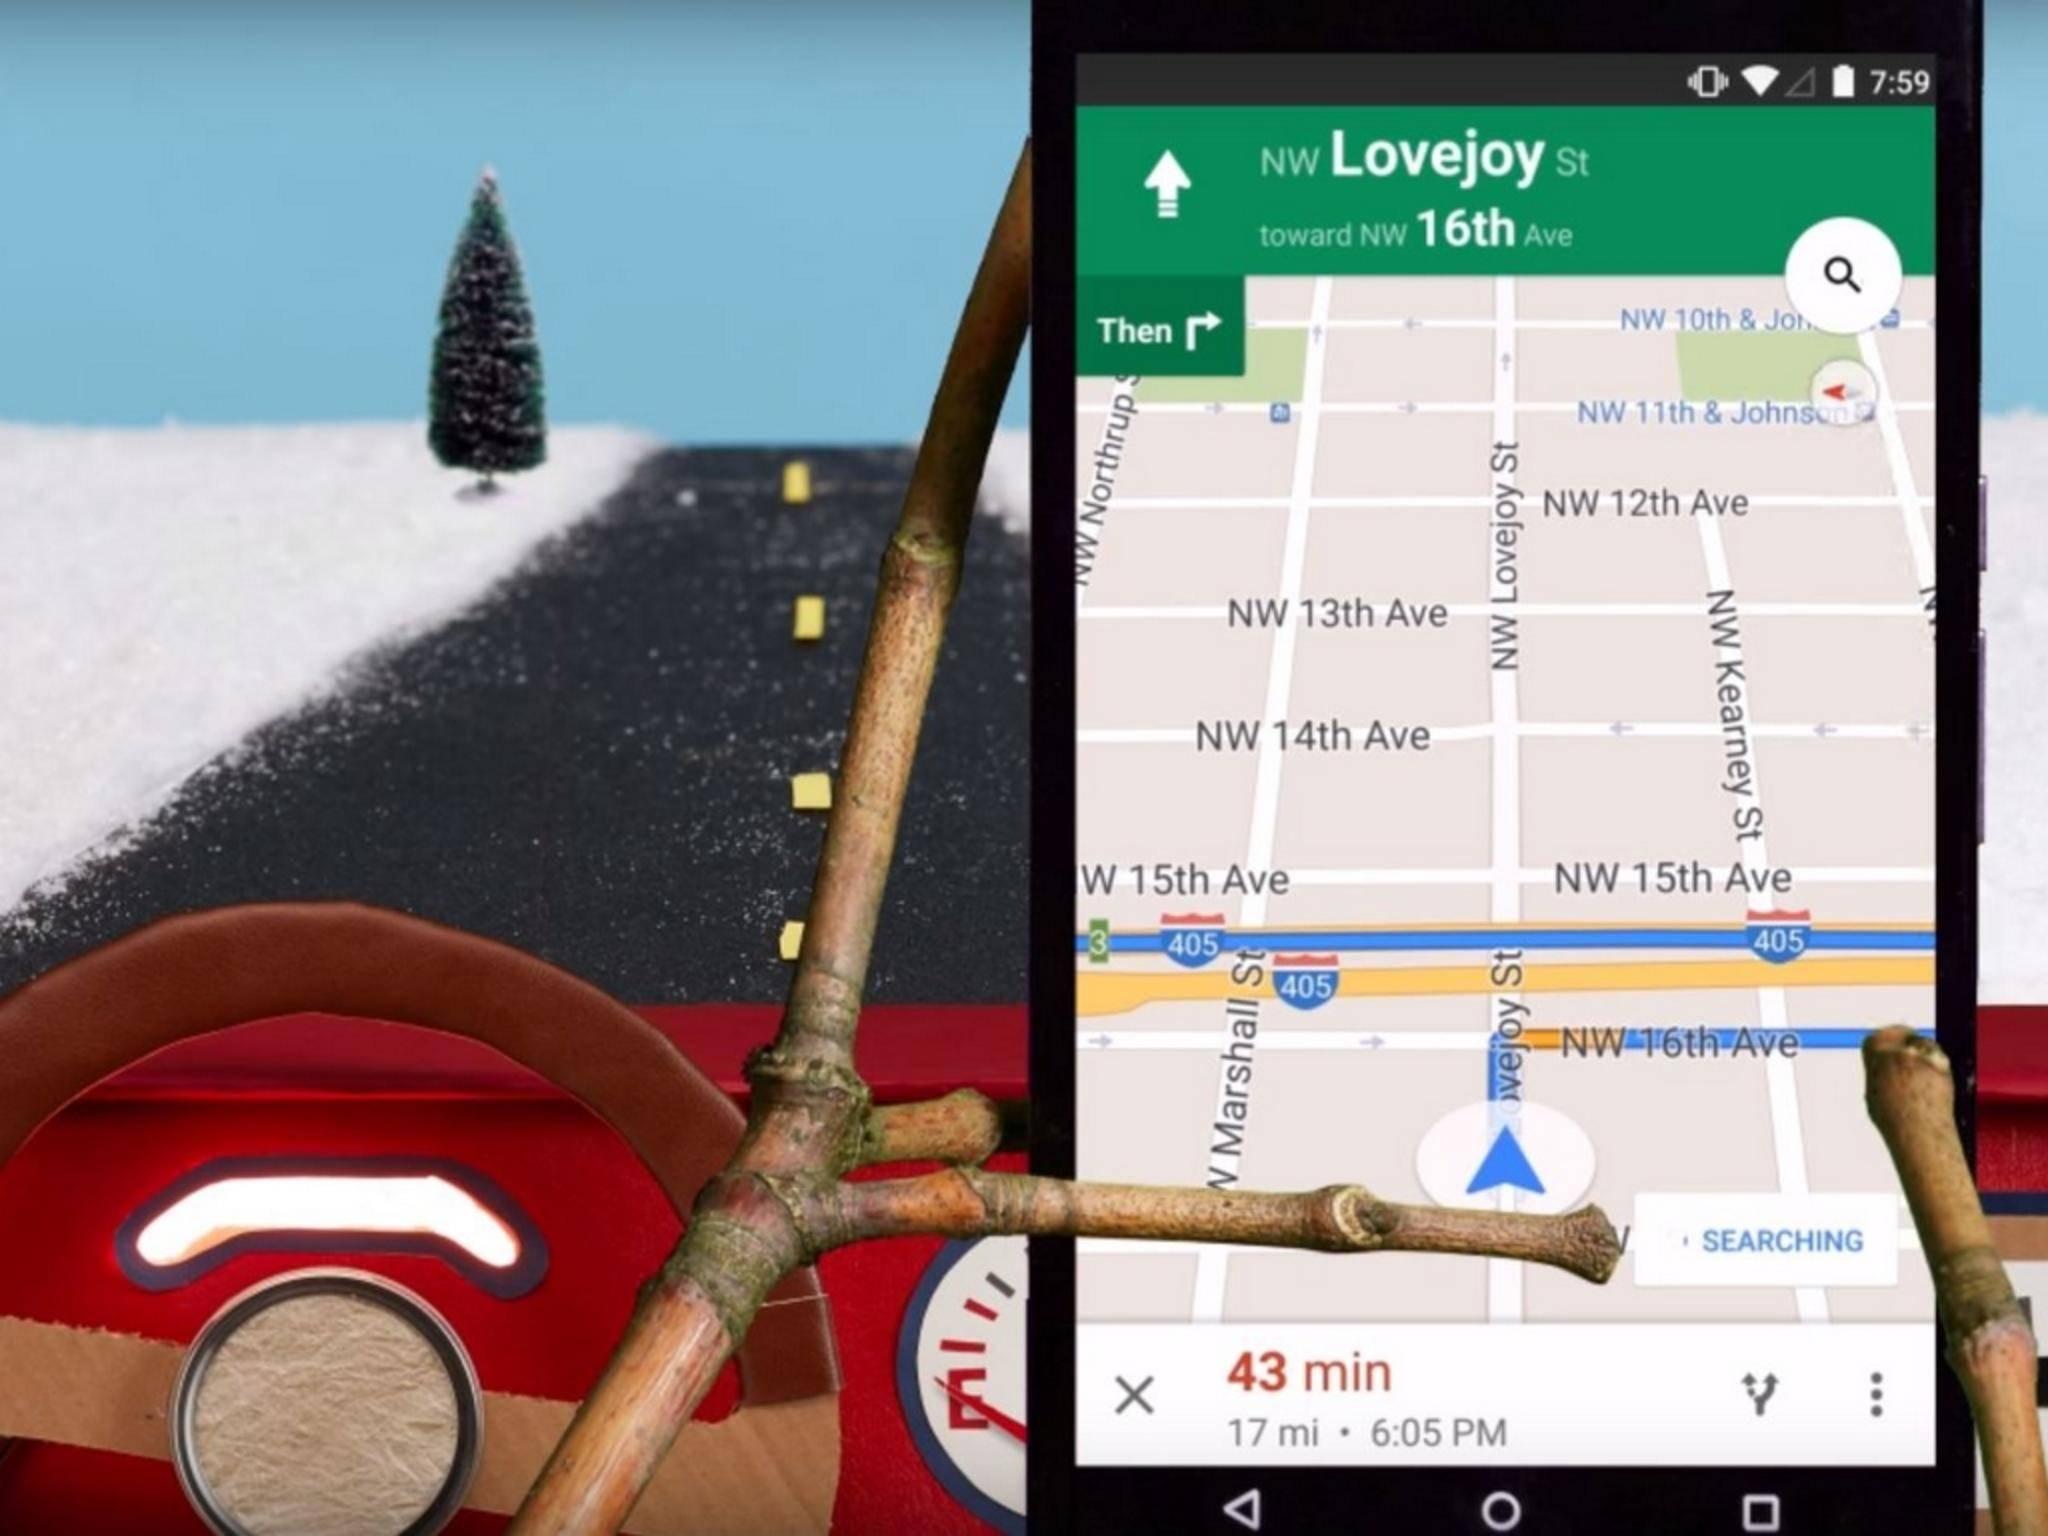 Eine Route bei Google Maps zu speichern ist gar nicht mal so einfach.